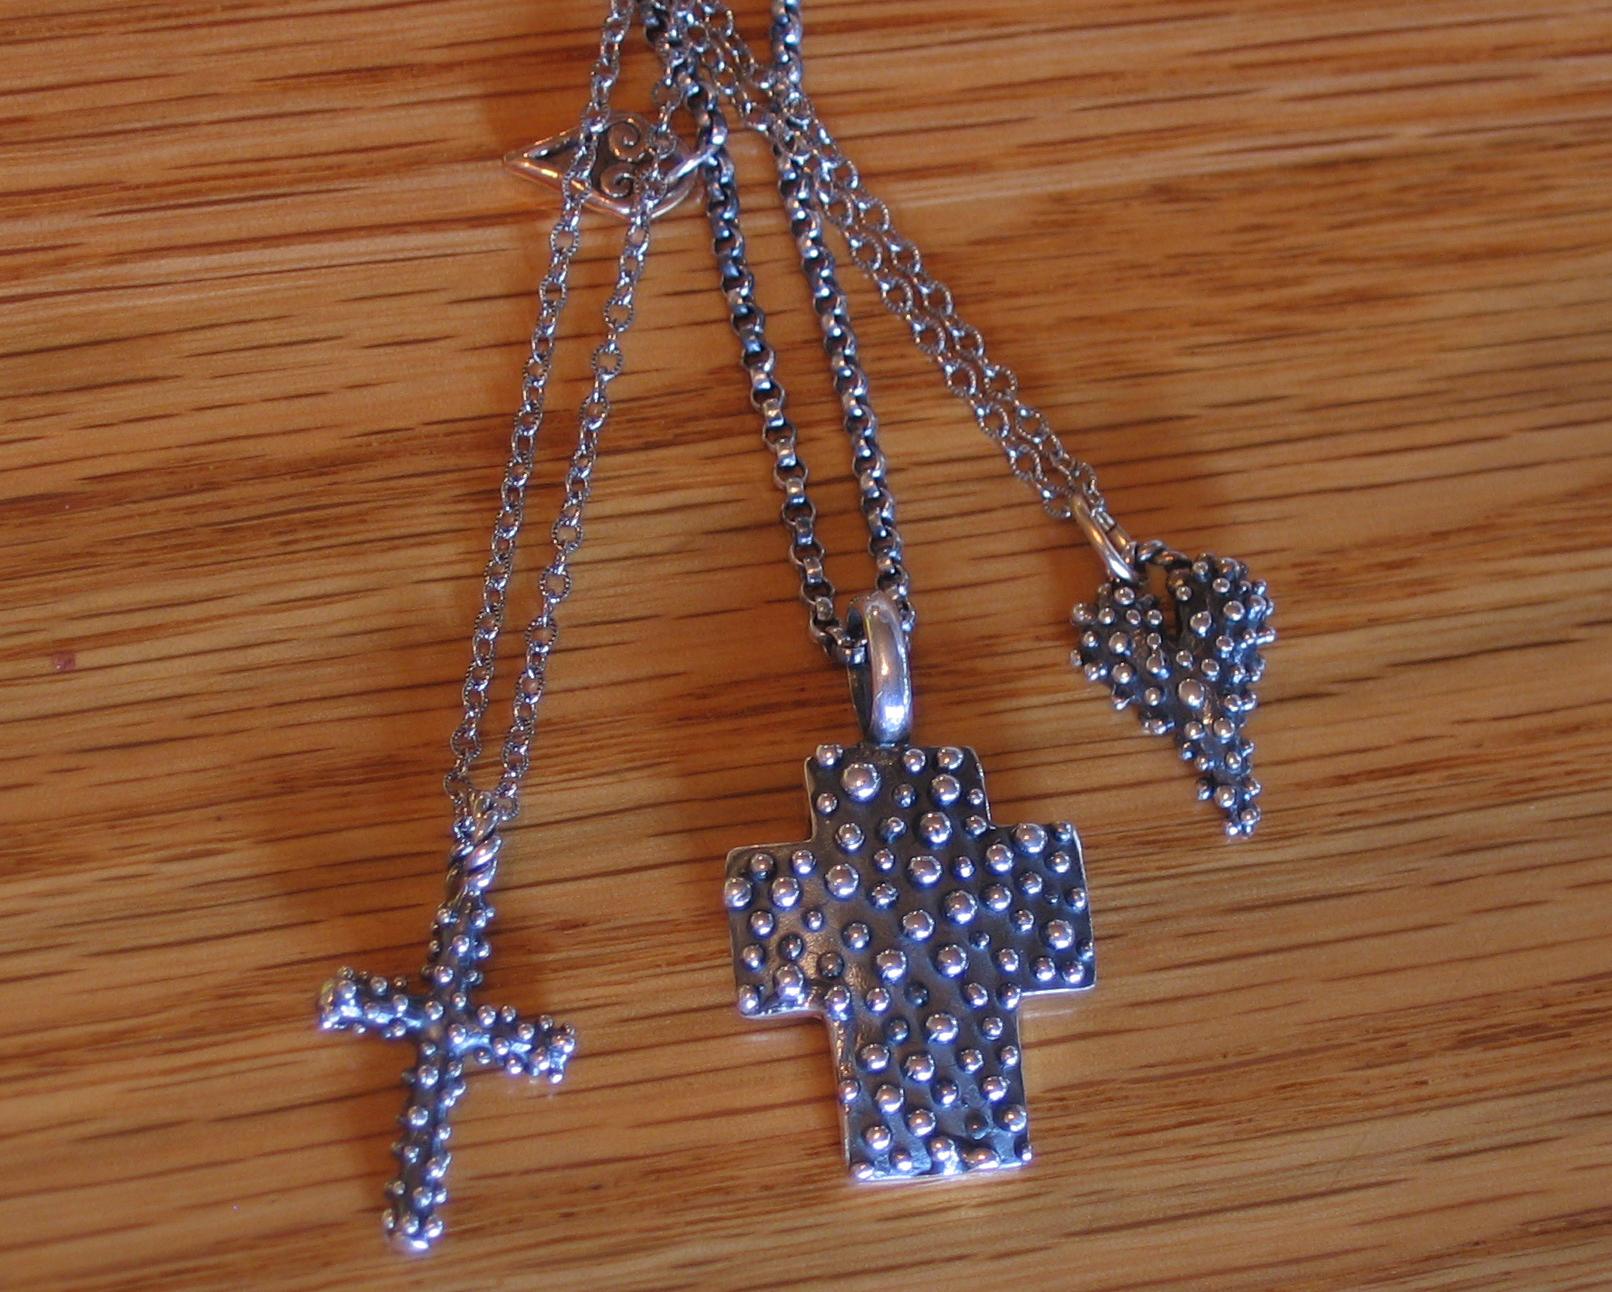 Dew Drop Necklaces